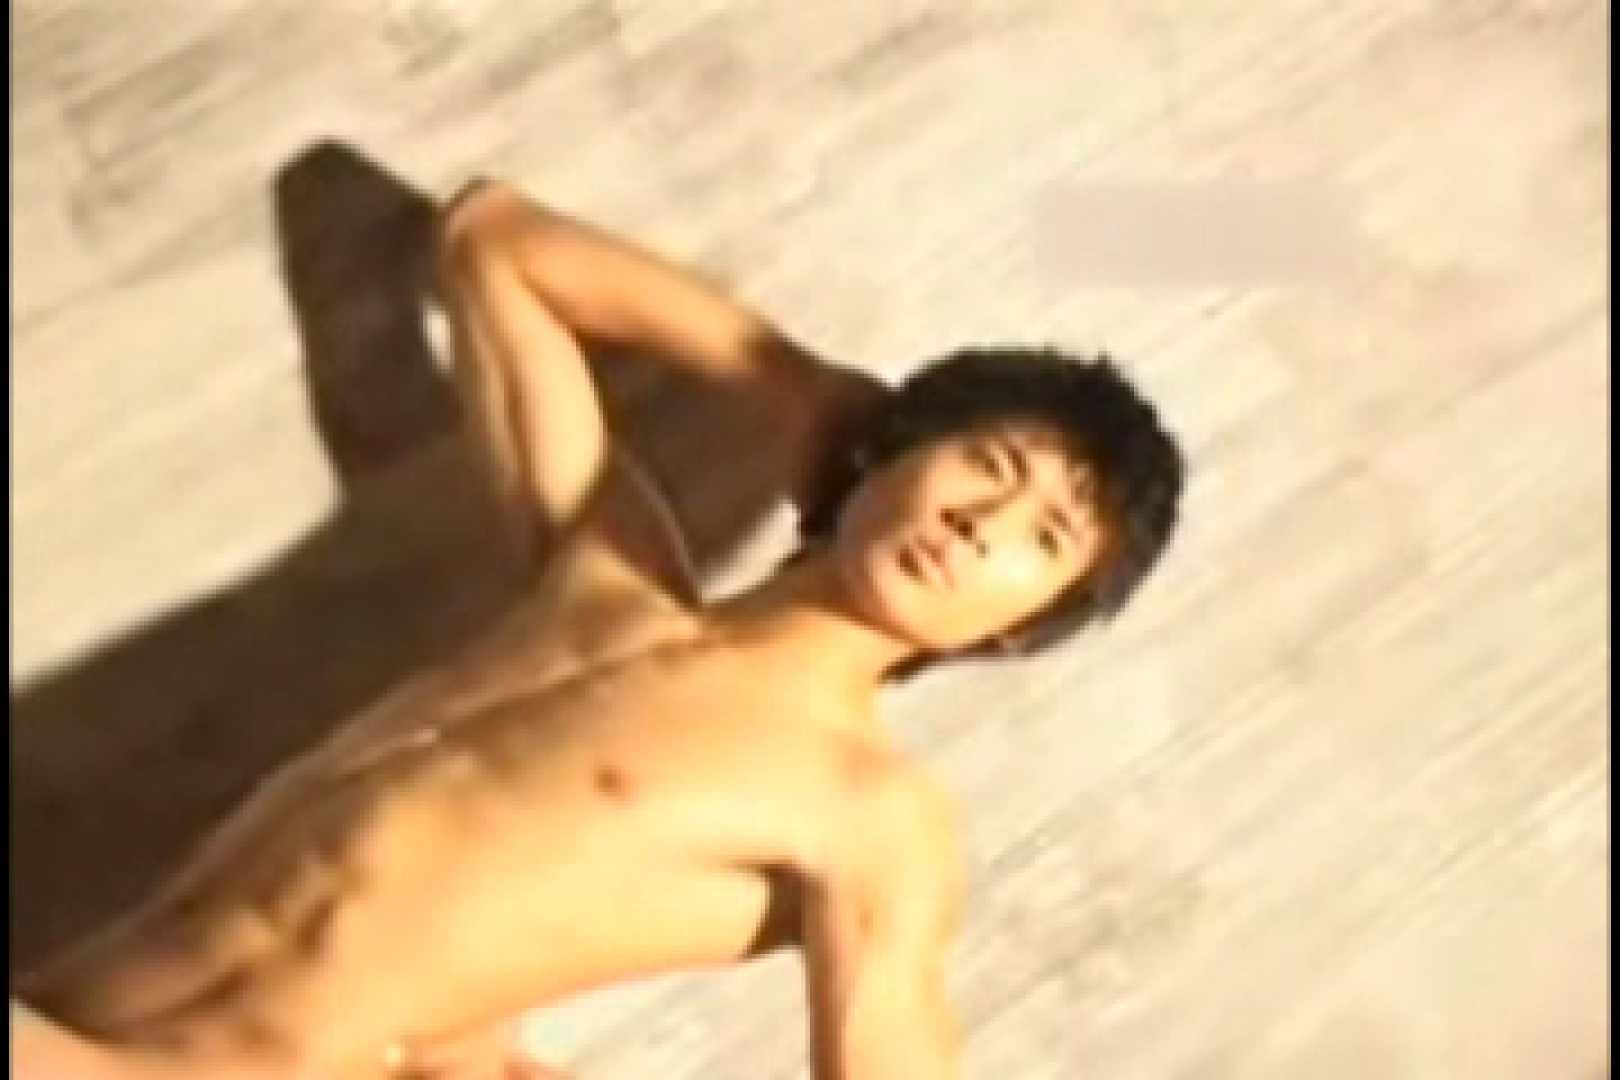 流出!!中出スーパーモデルya● jin hao モデルボーイ しりまんこ画像 74枚 17